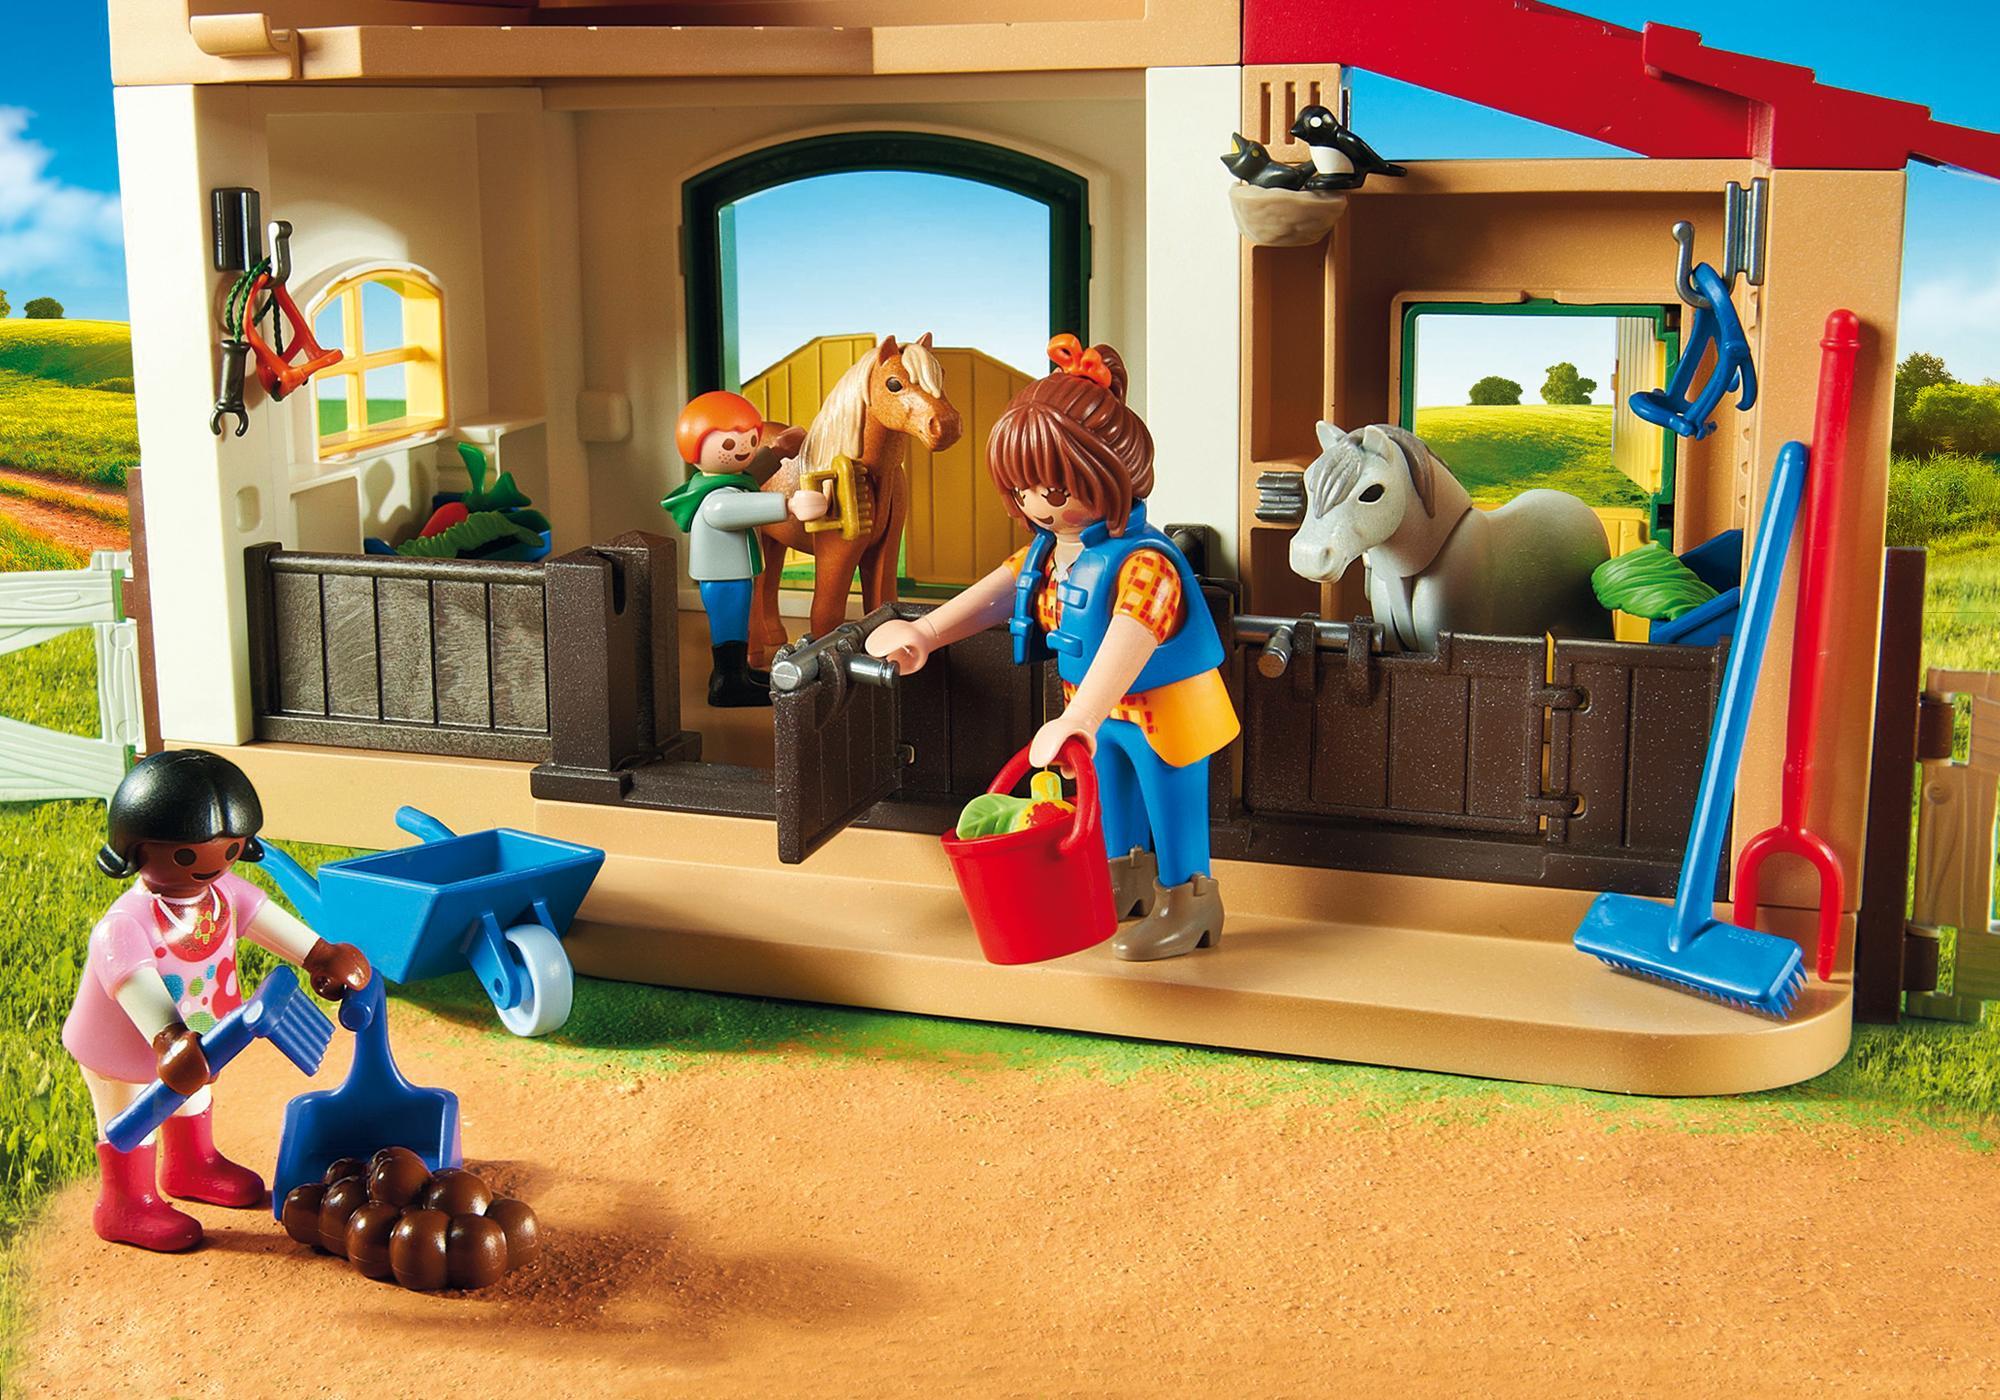 http://media.playmobil.com/i/playmobil/6927_product_extra3/Quinta dos Póneis